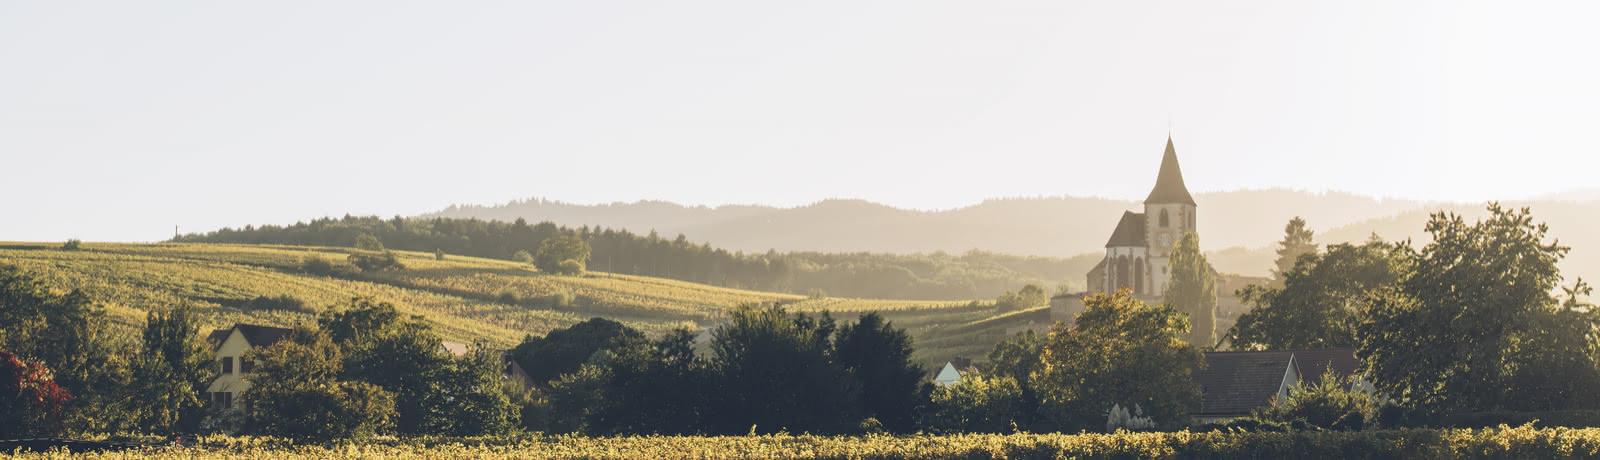 Hunawihr - Route des Vins d'Alsace